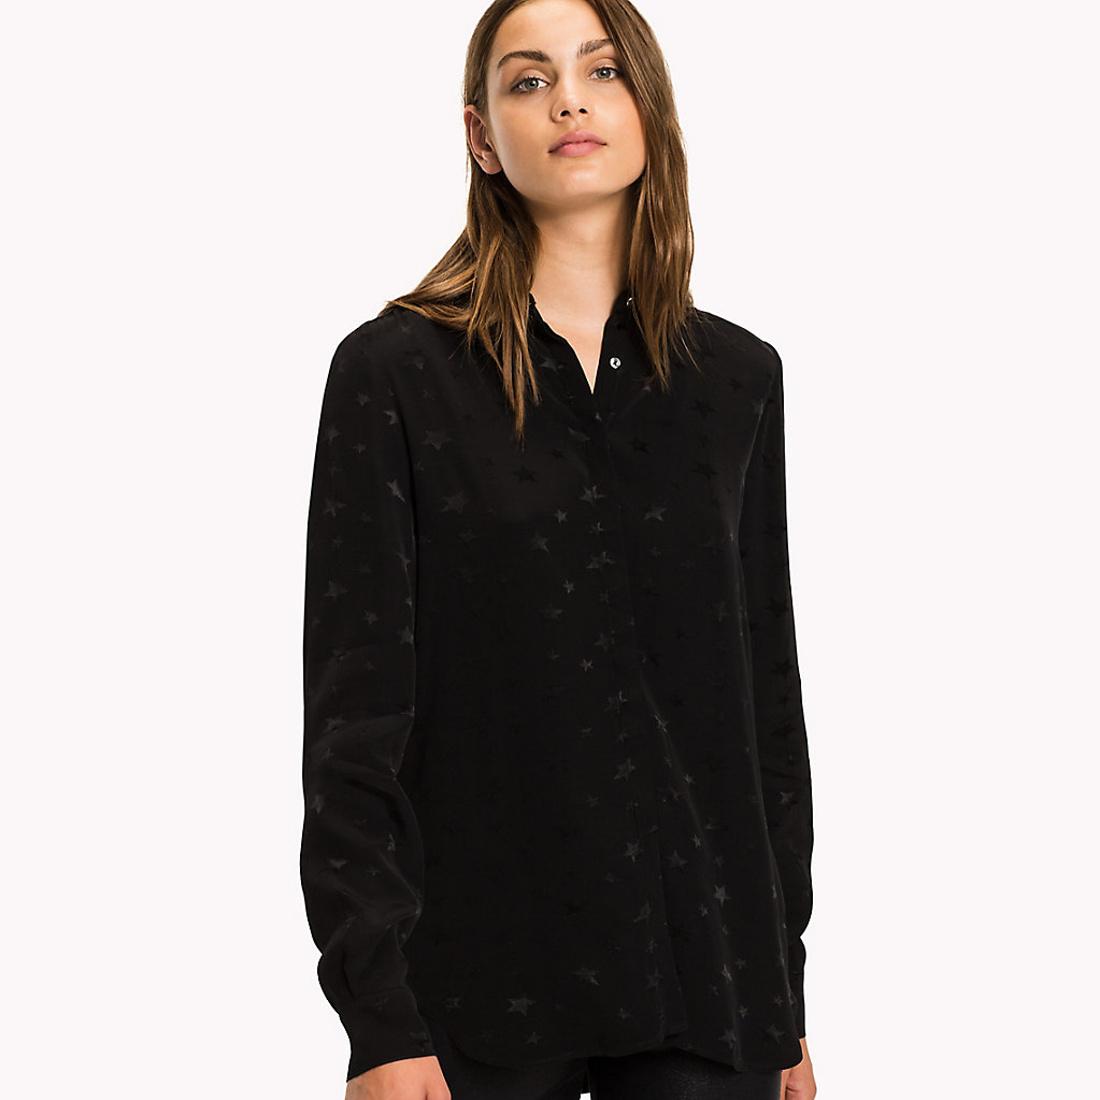 Tommy Hilfiger dámská černá košile se vzorem - Mode.cz ac3ec14e20